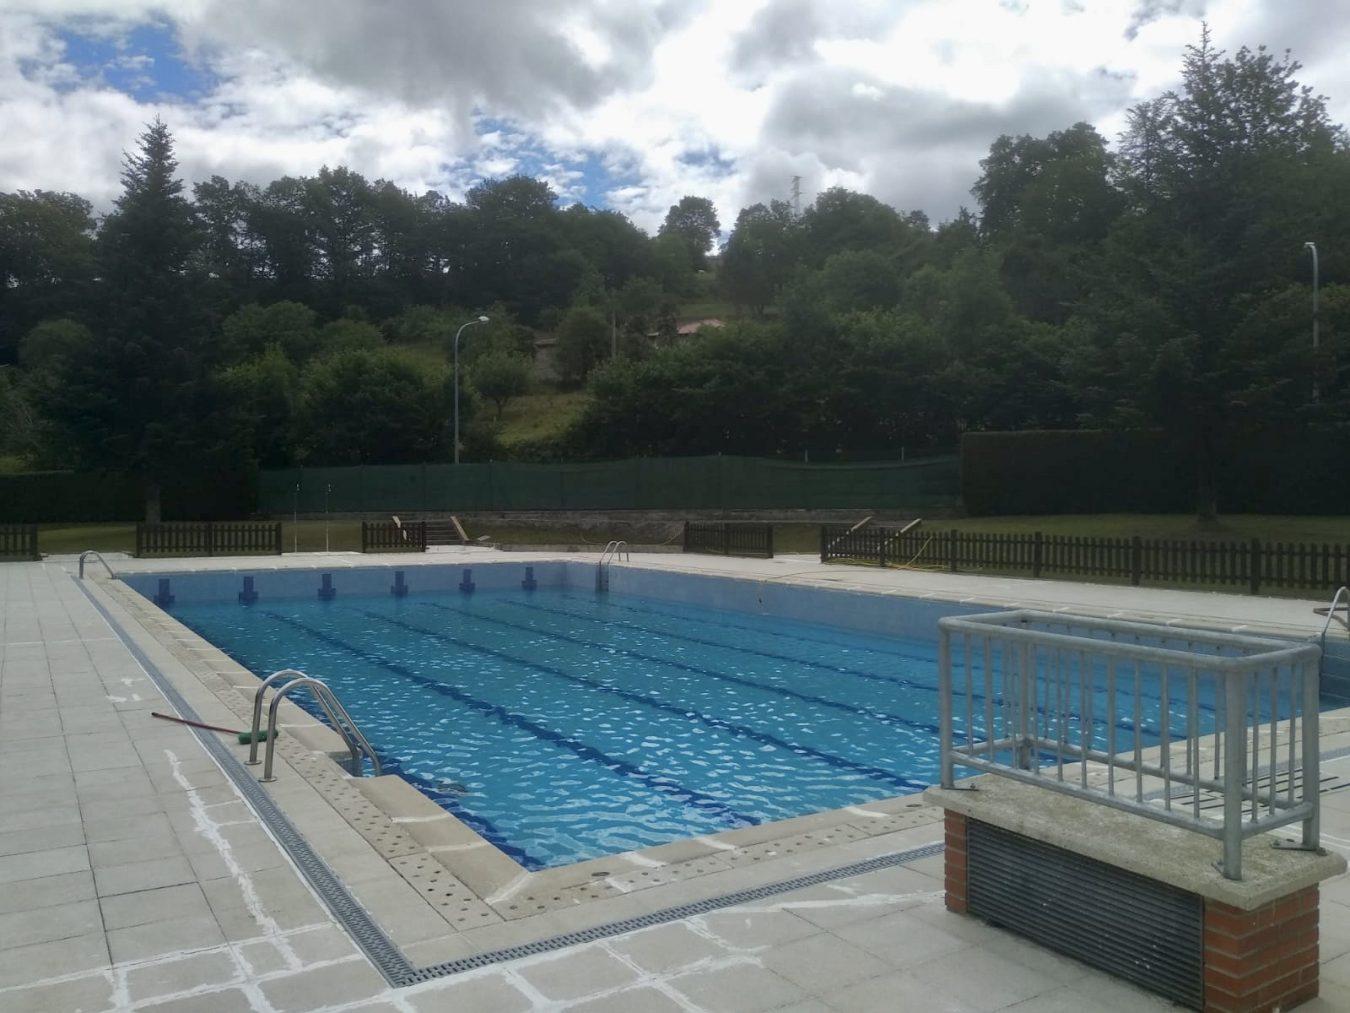 La semana que viene abren de nuevo sus puertas las piscinas de Infiesto y la oficina de turismo de Llanes